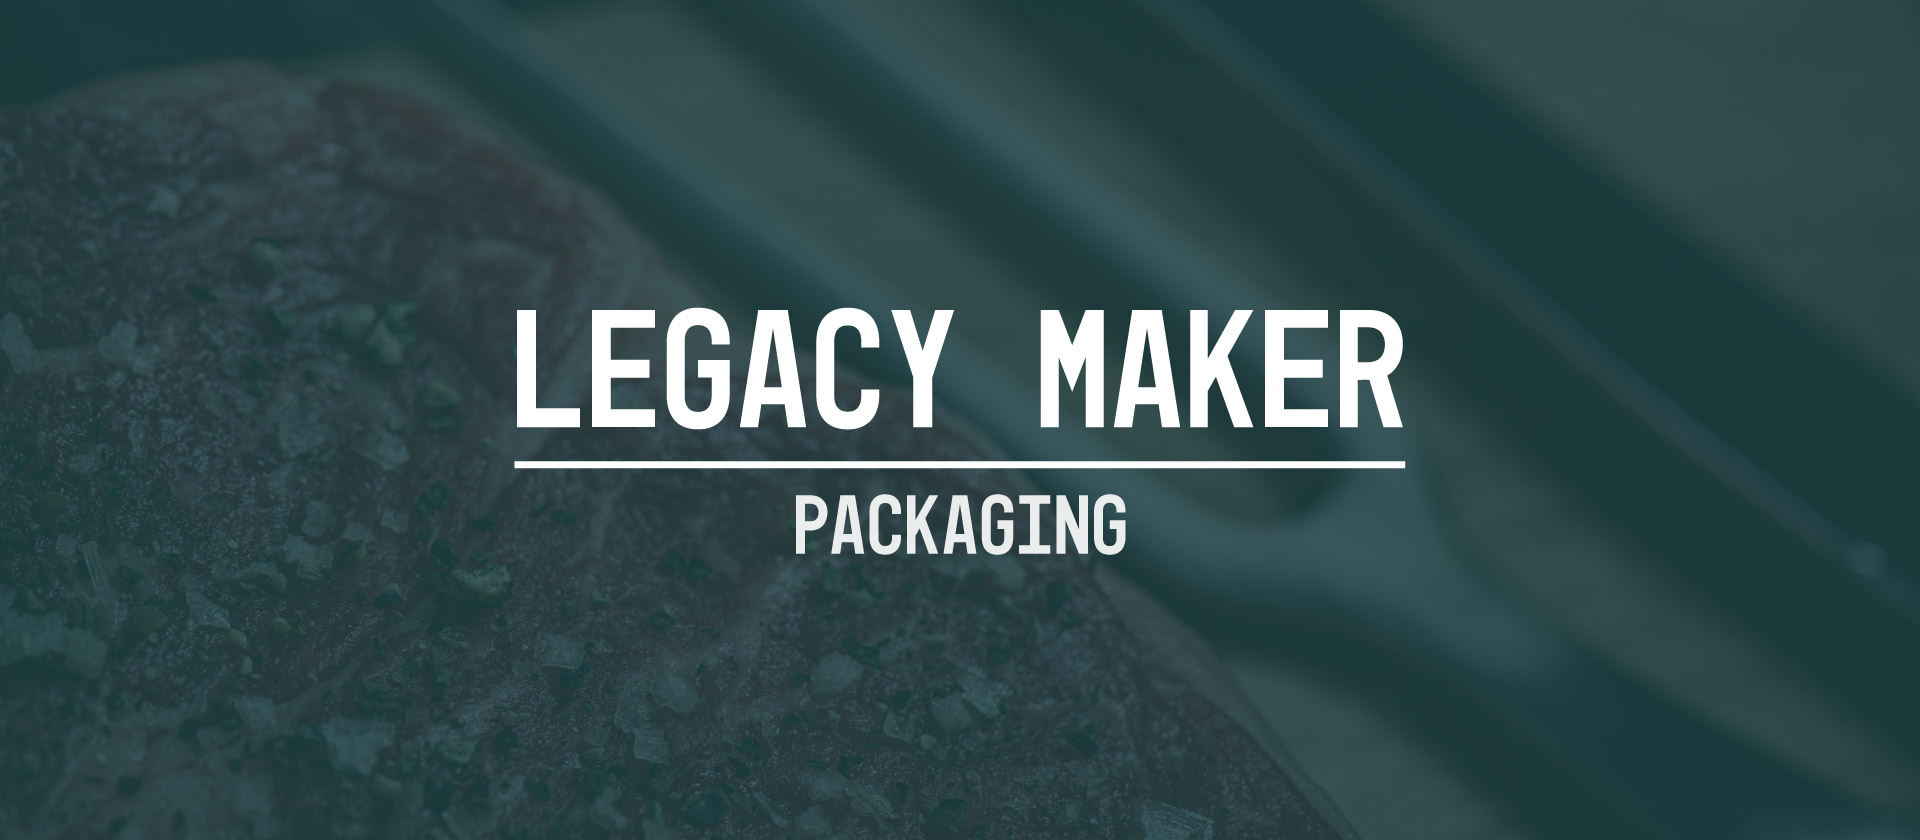 LM Packaging Header Packaging: Legacy Maker